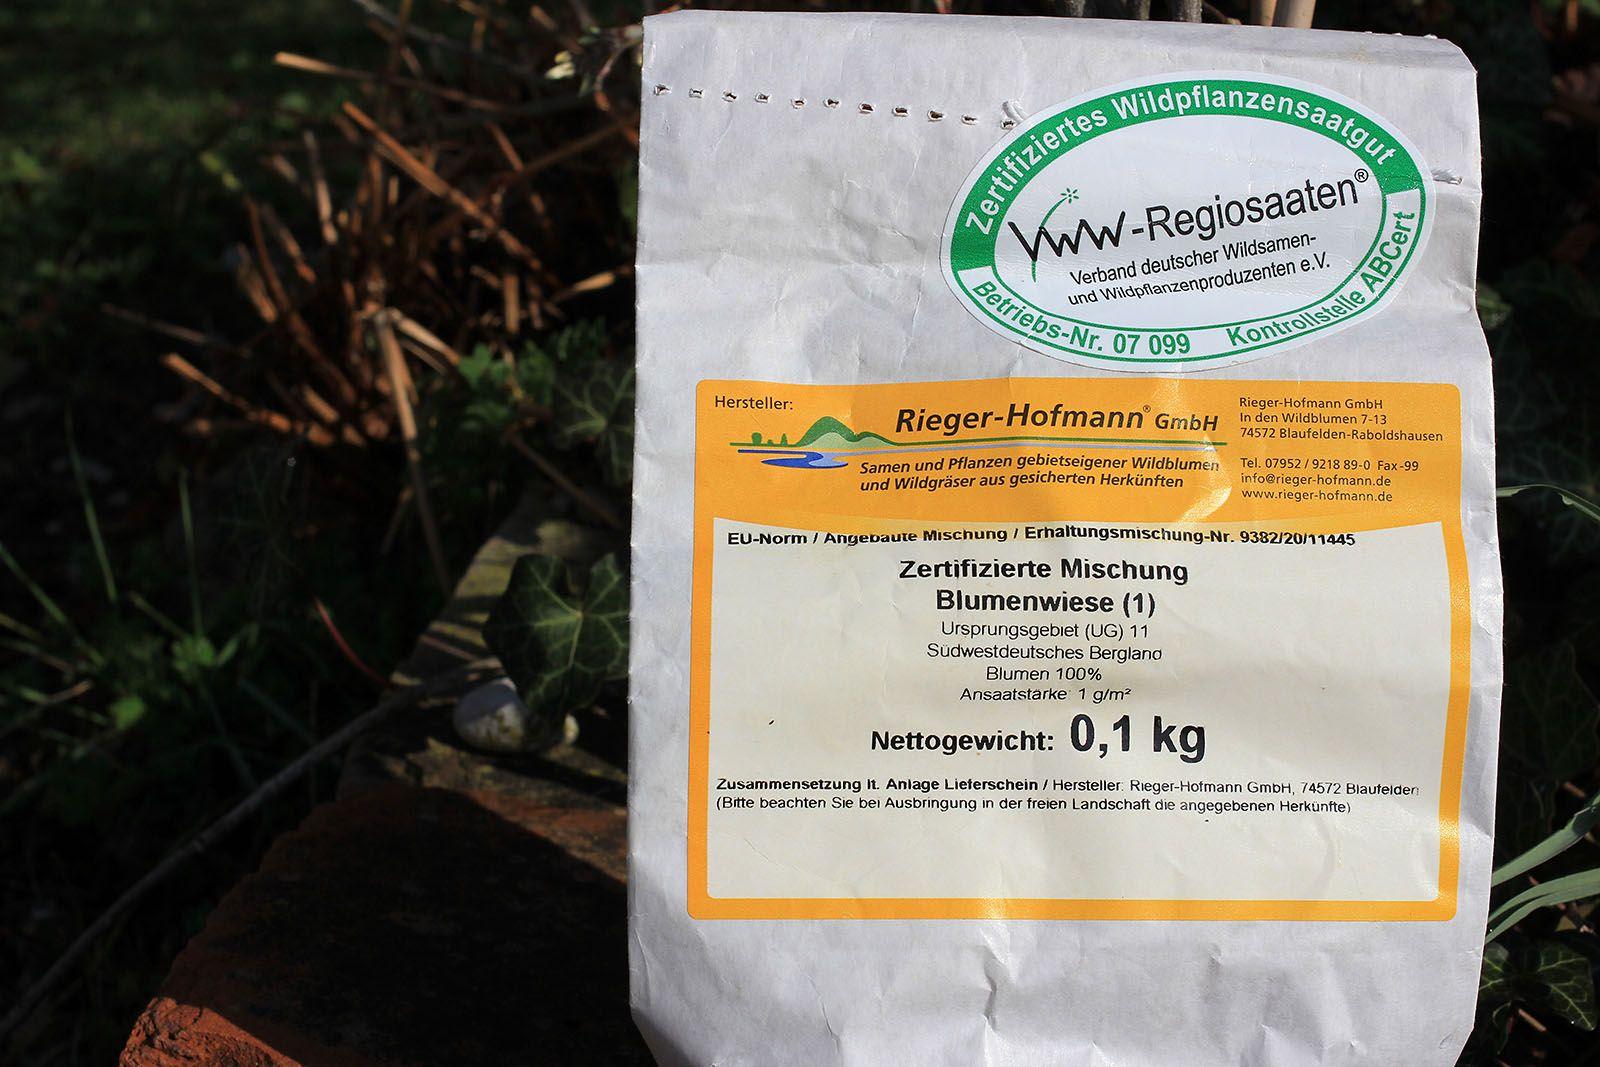 Regionales Saatgut für Blumenwiese